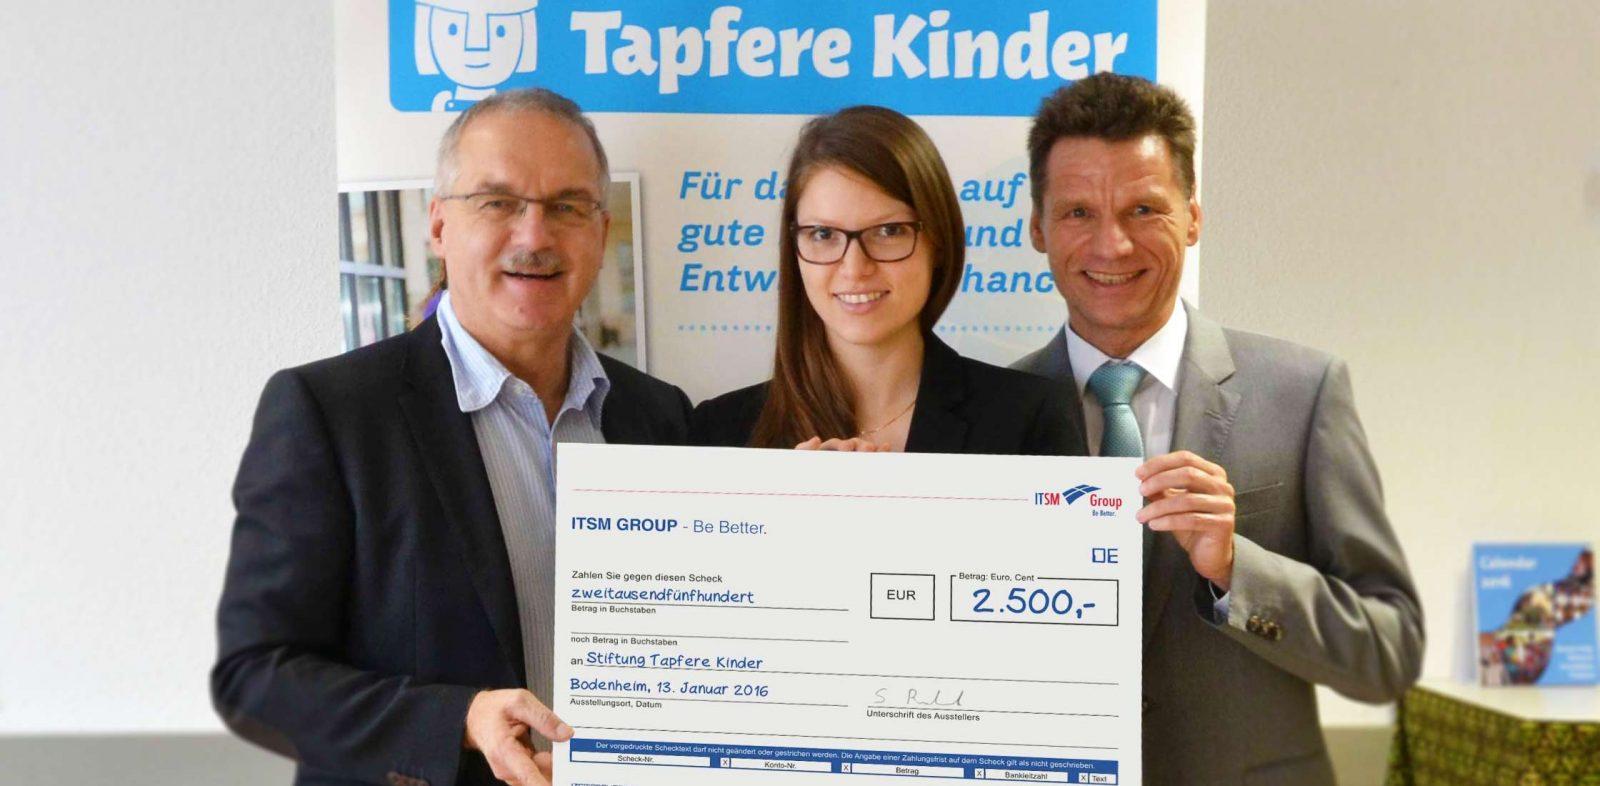 itsm_group_tapfere_kinder